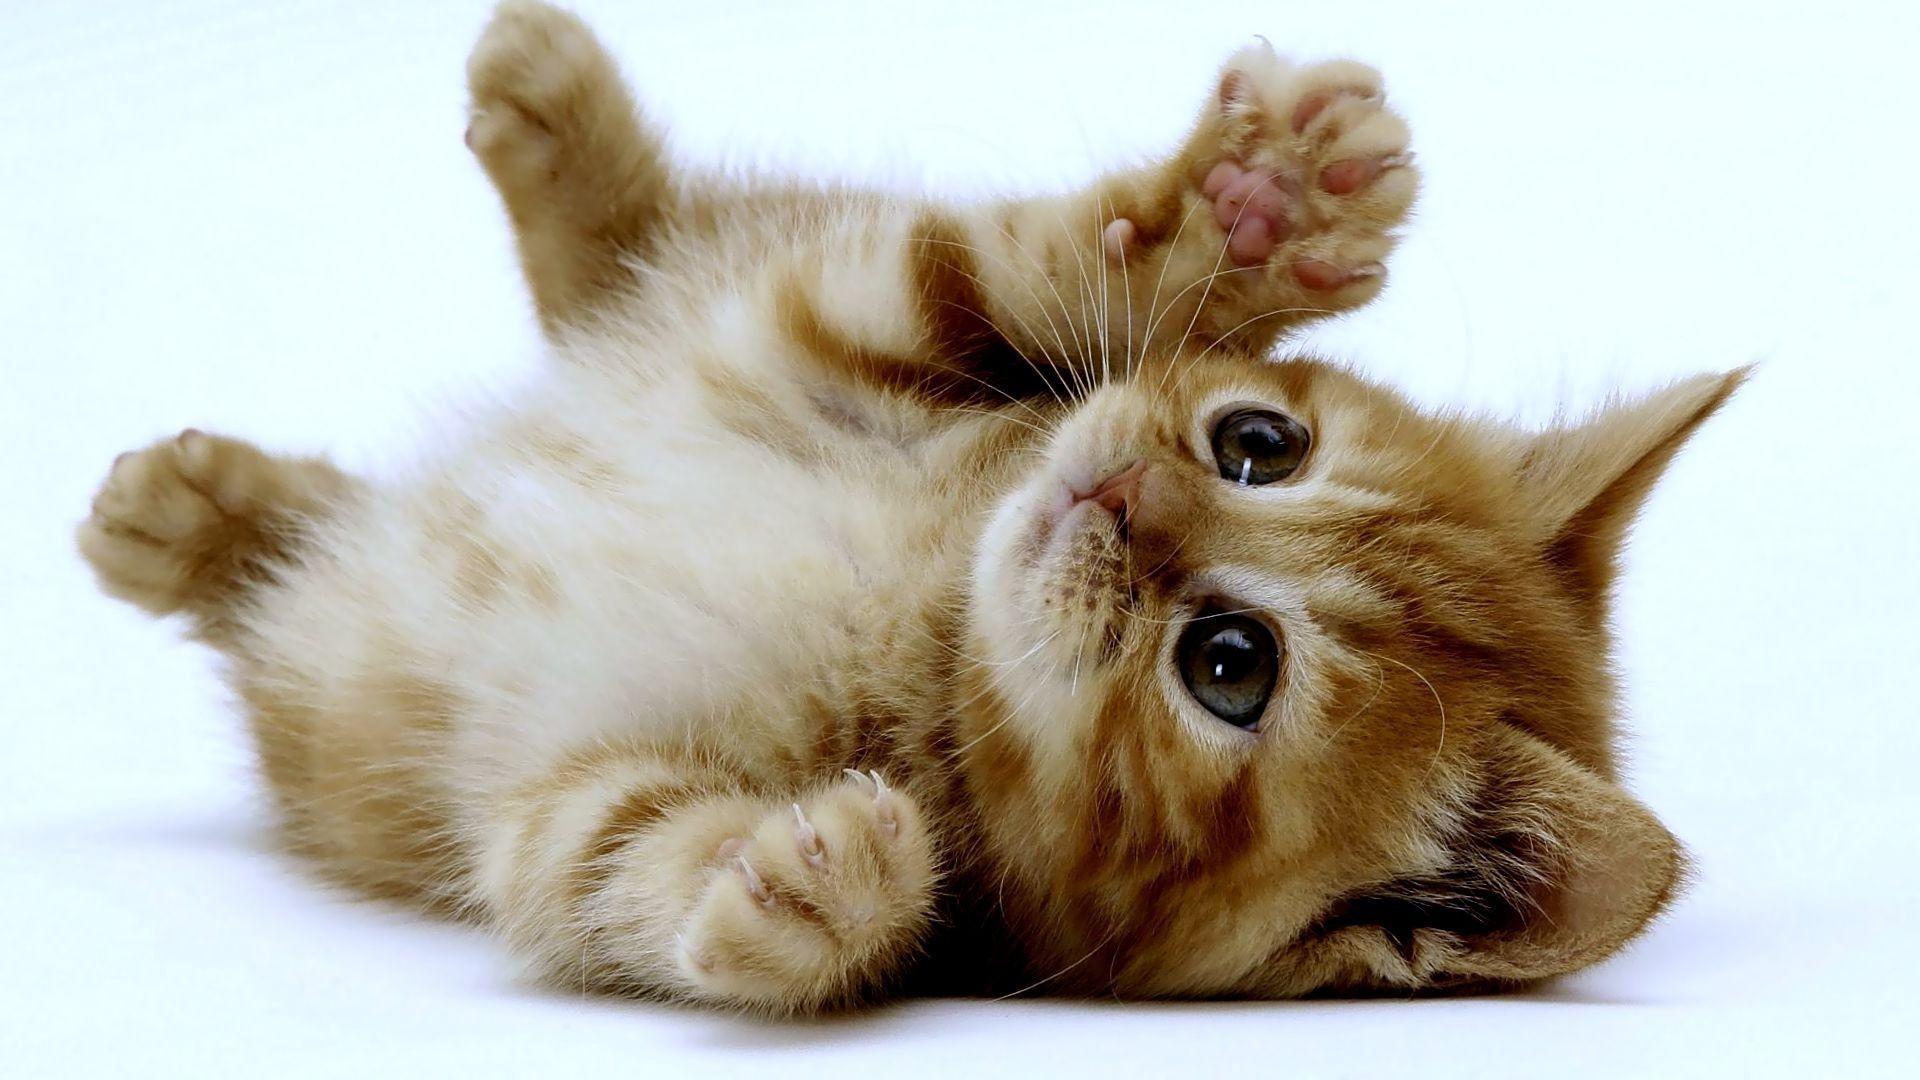 Cute-Kittens-1-Wallpaper-HD